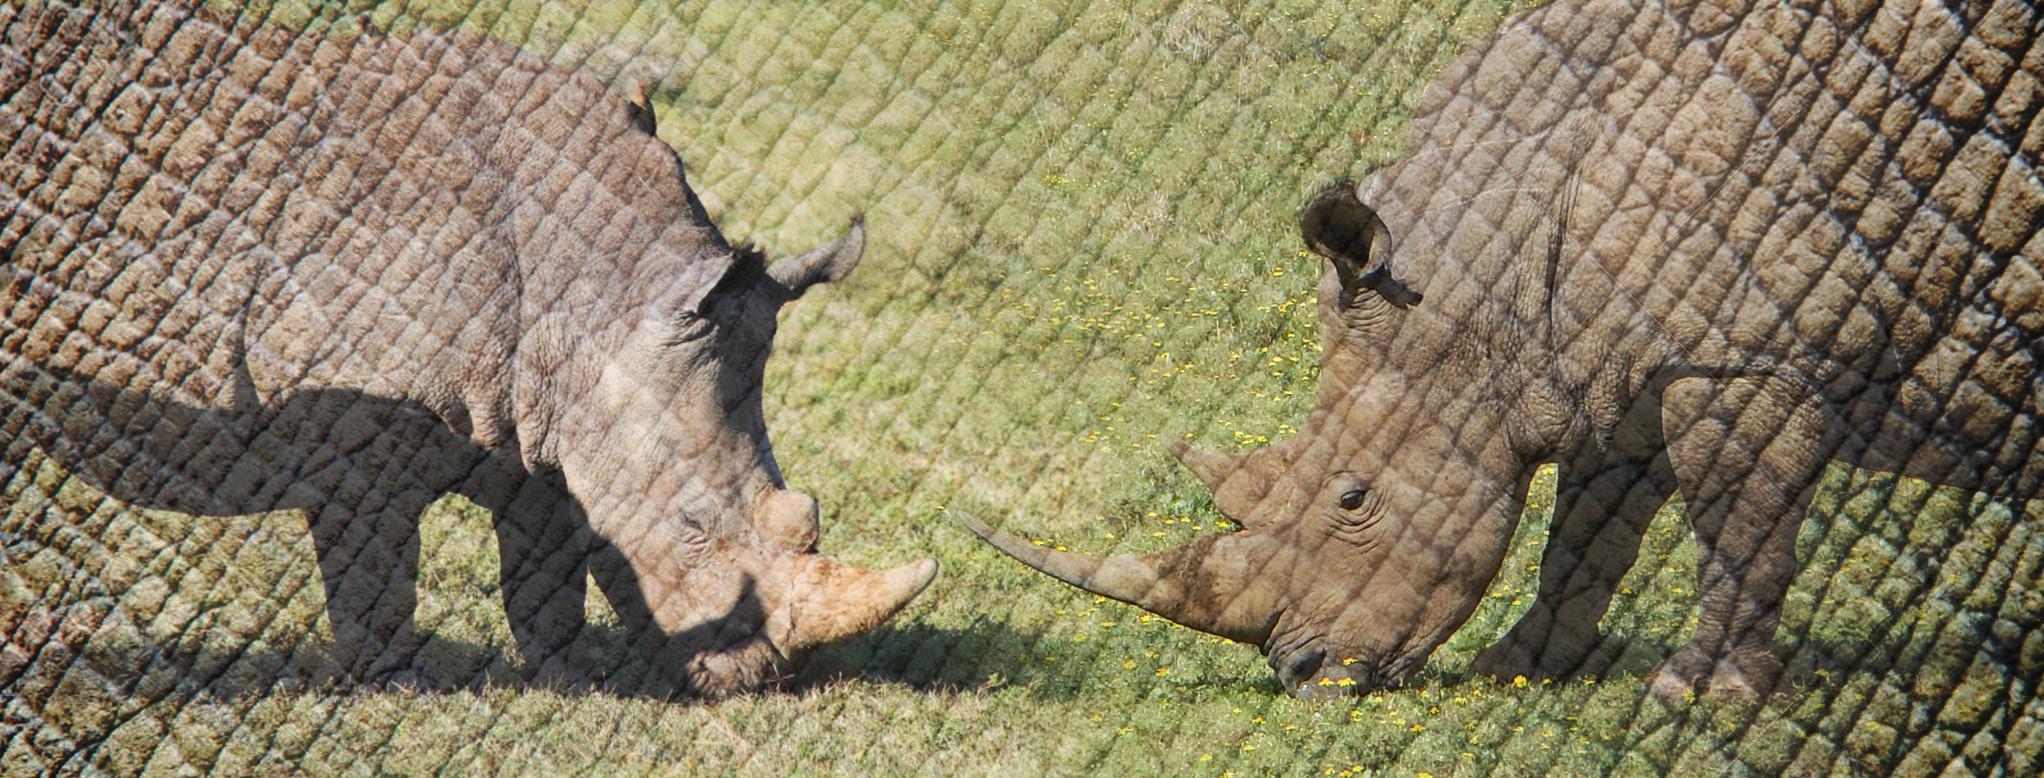 wildlife banner 4